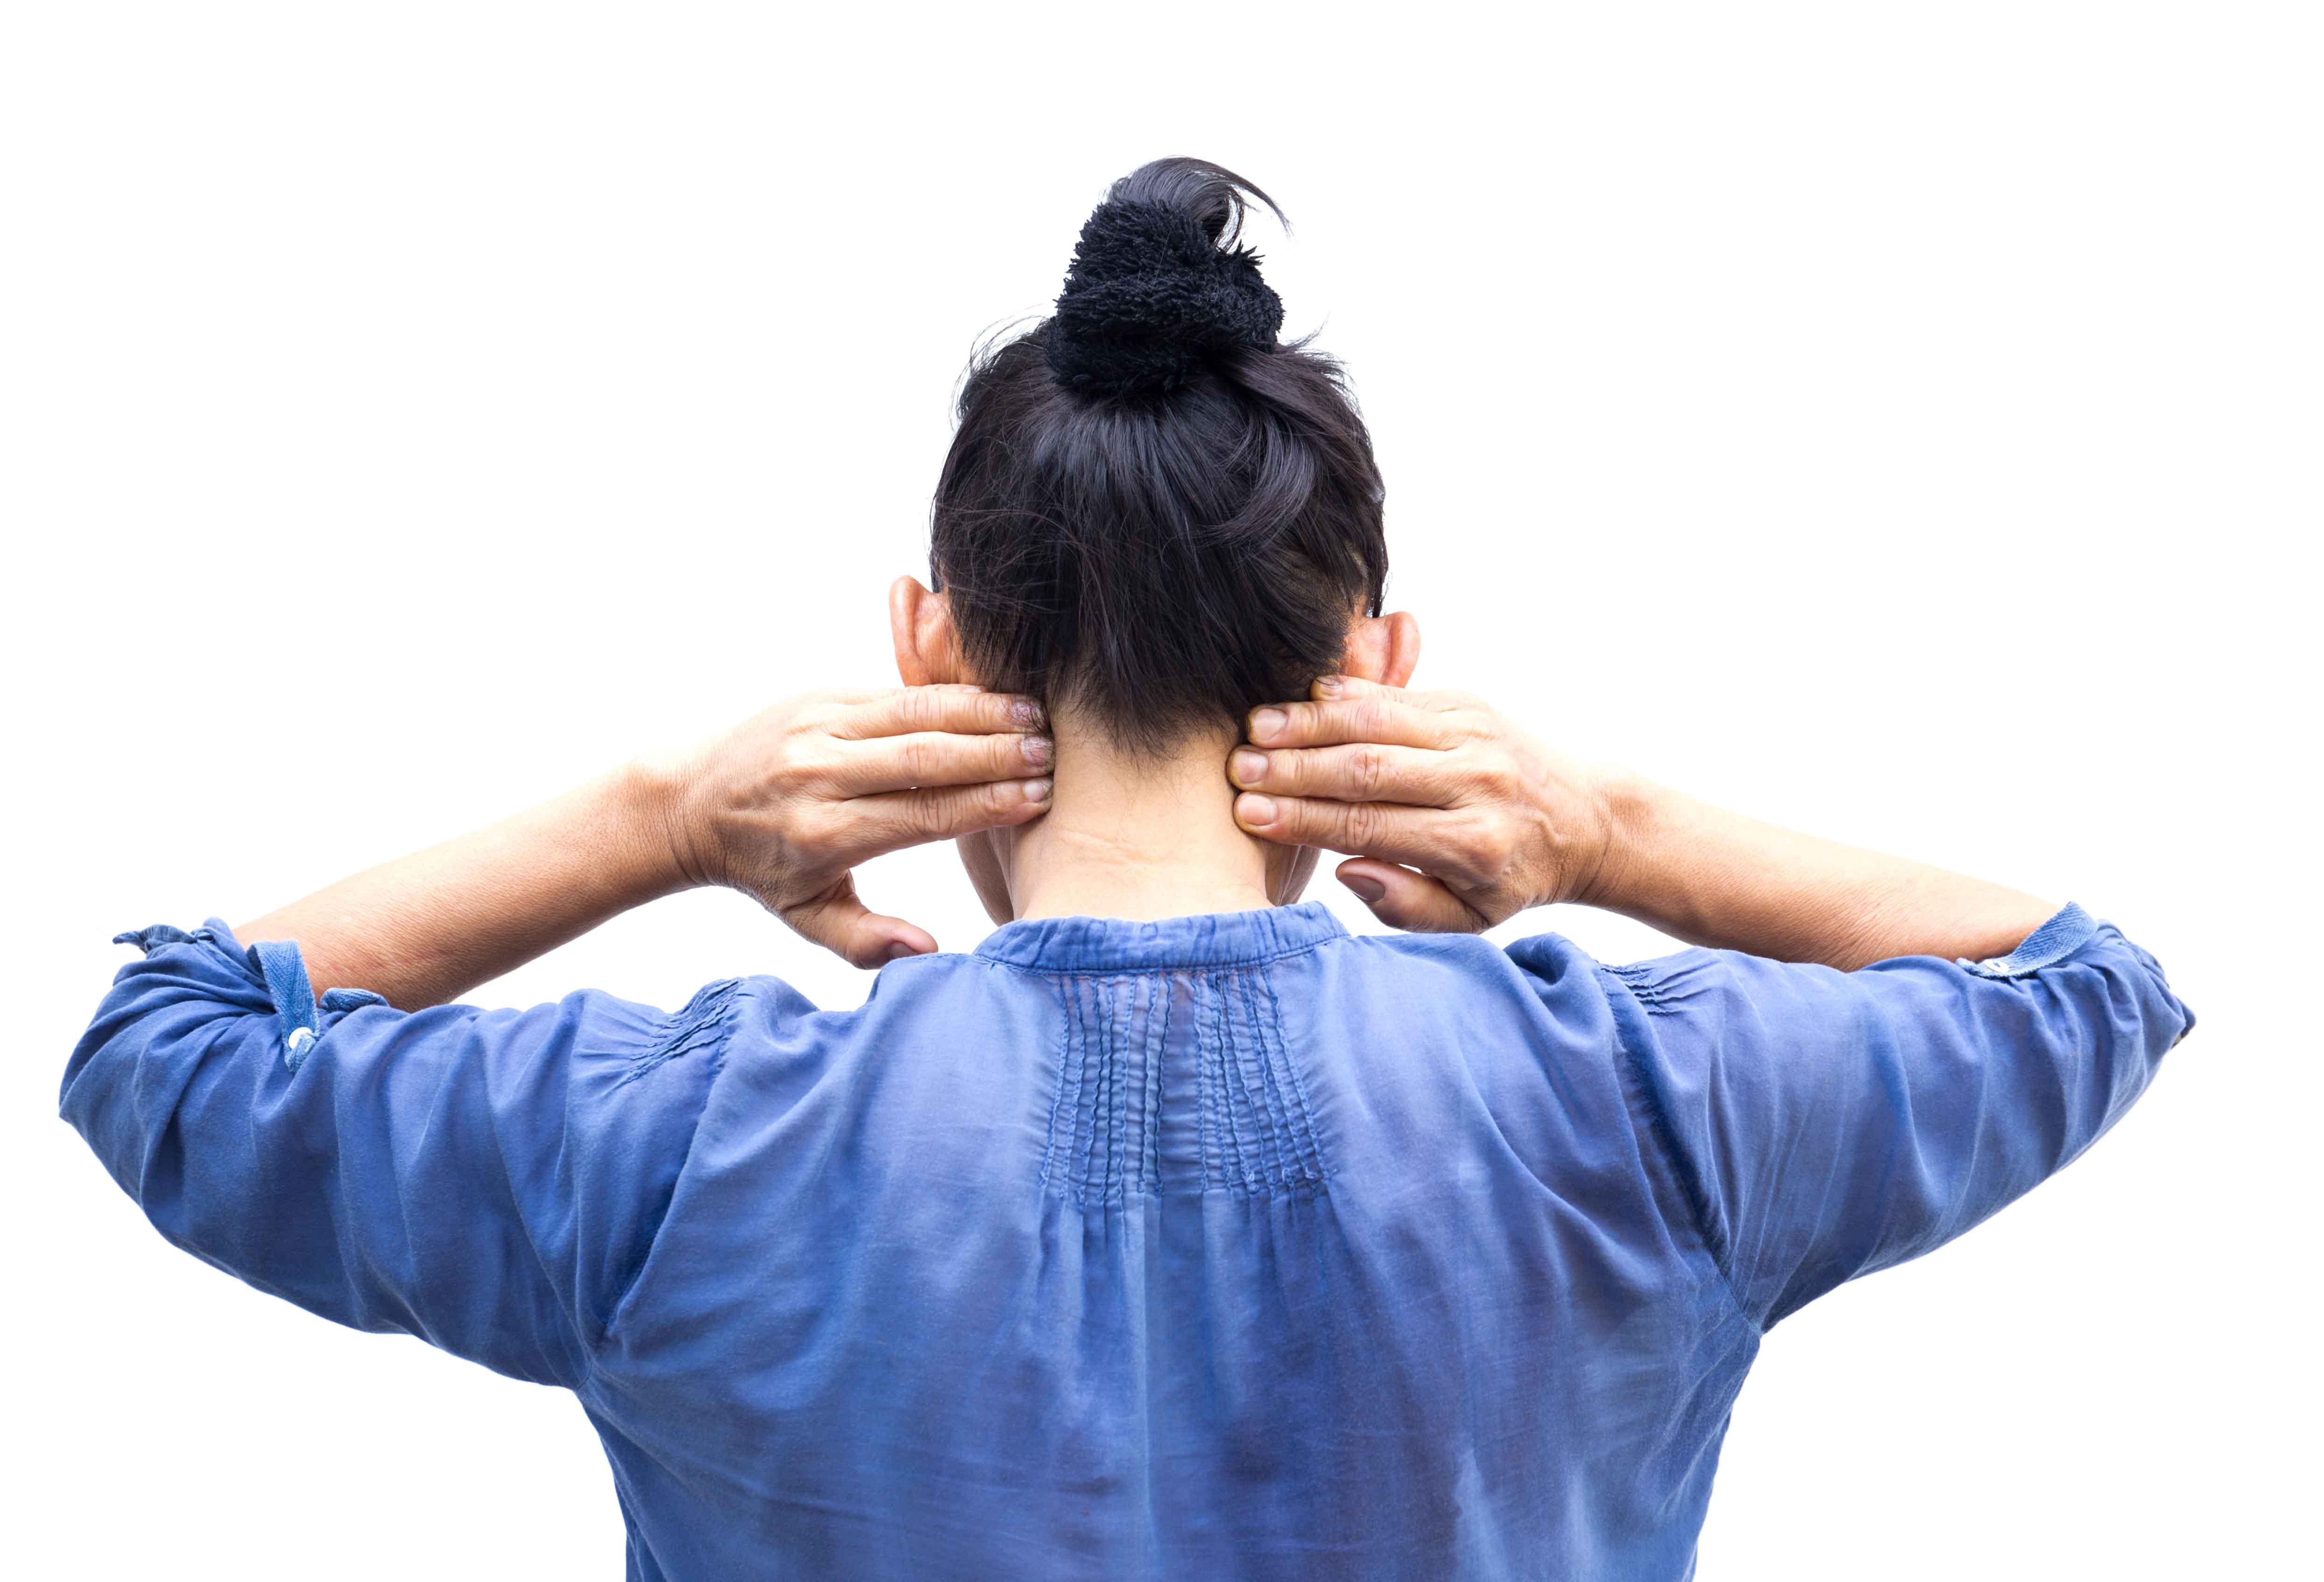 chica de espaldas tocándose cuello con dolor